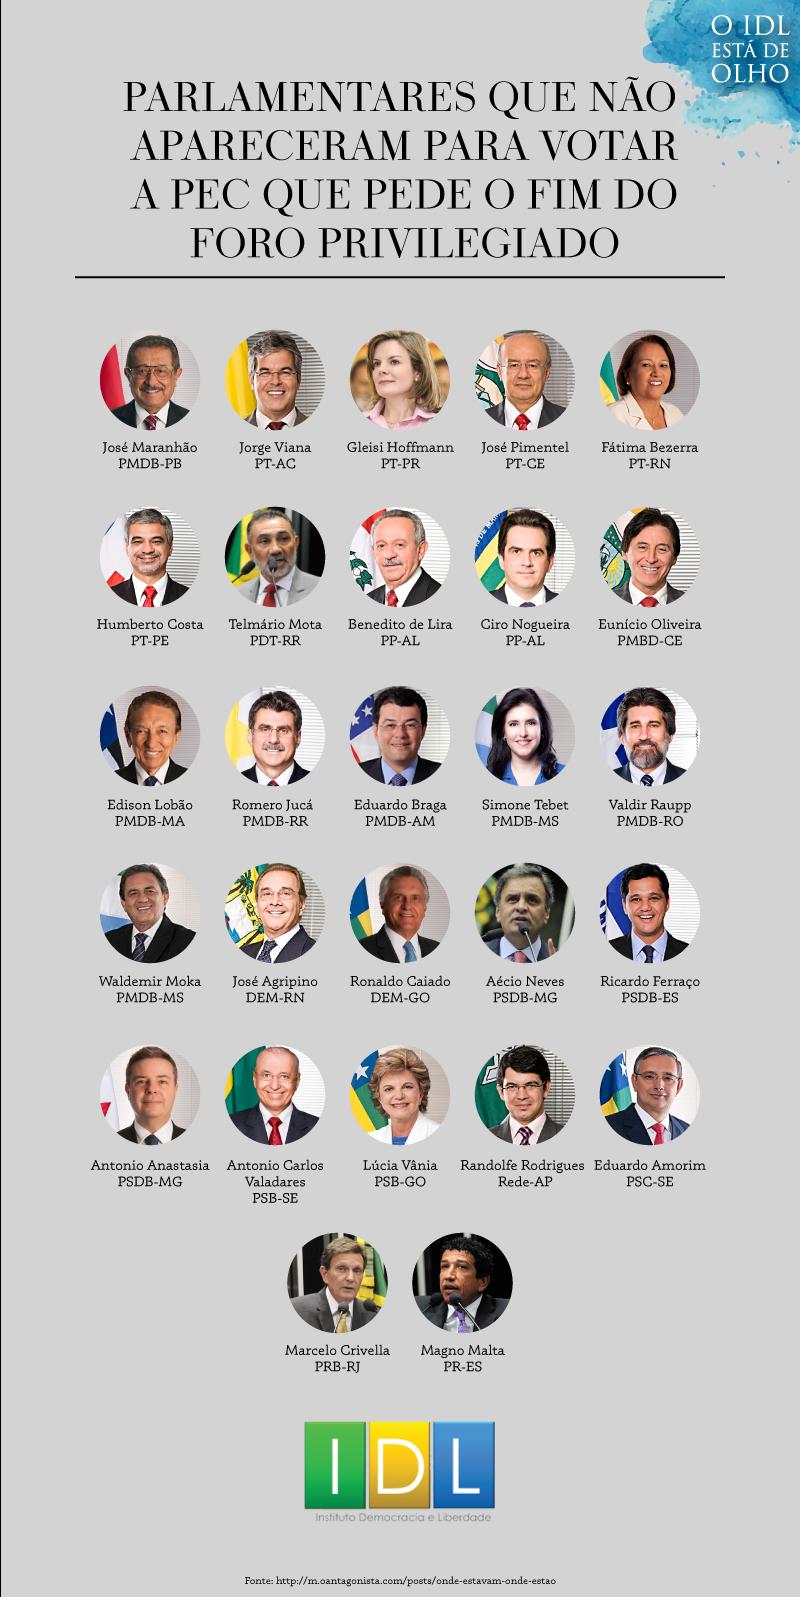 parlamentares_nao-votaram_pec